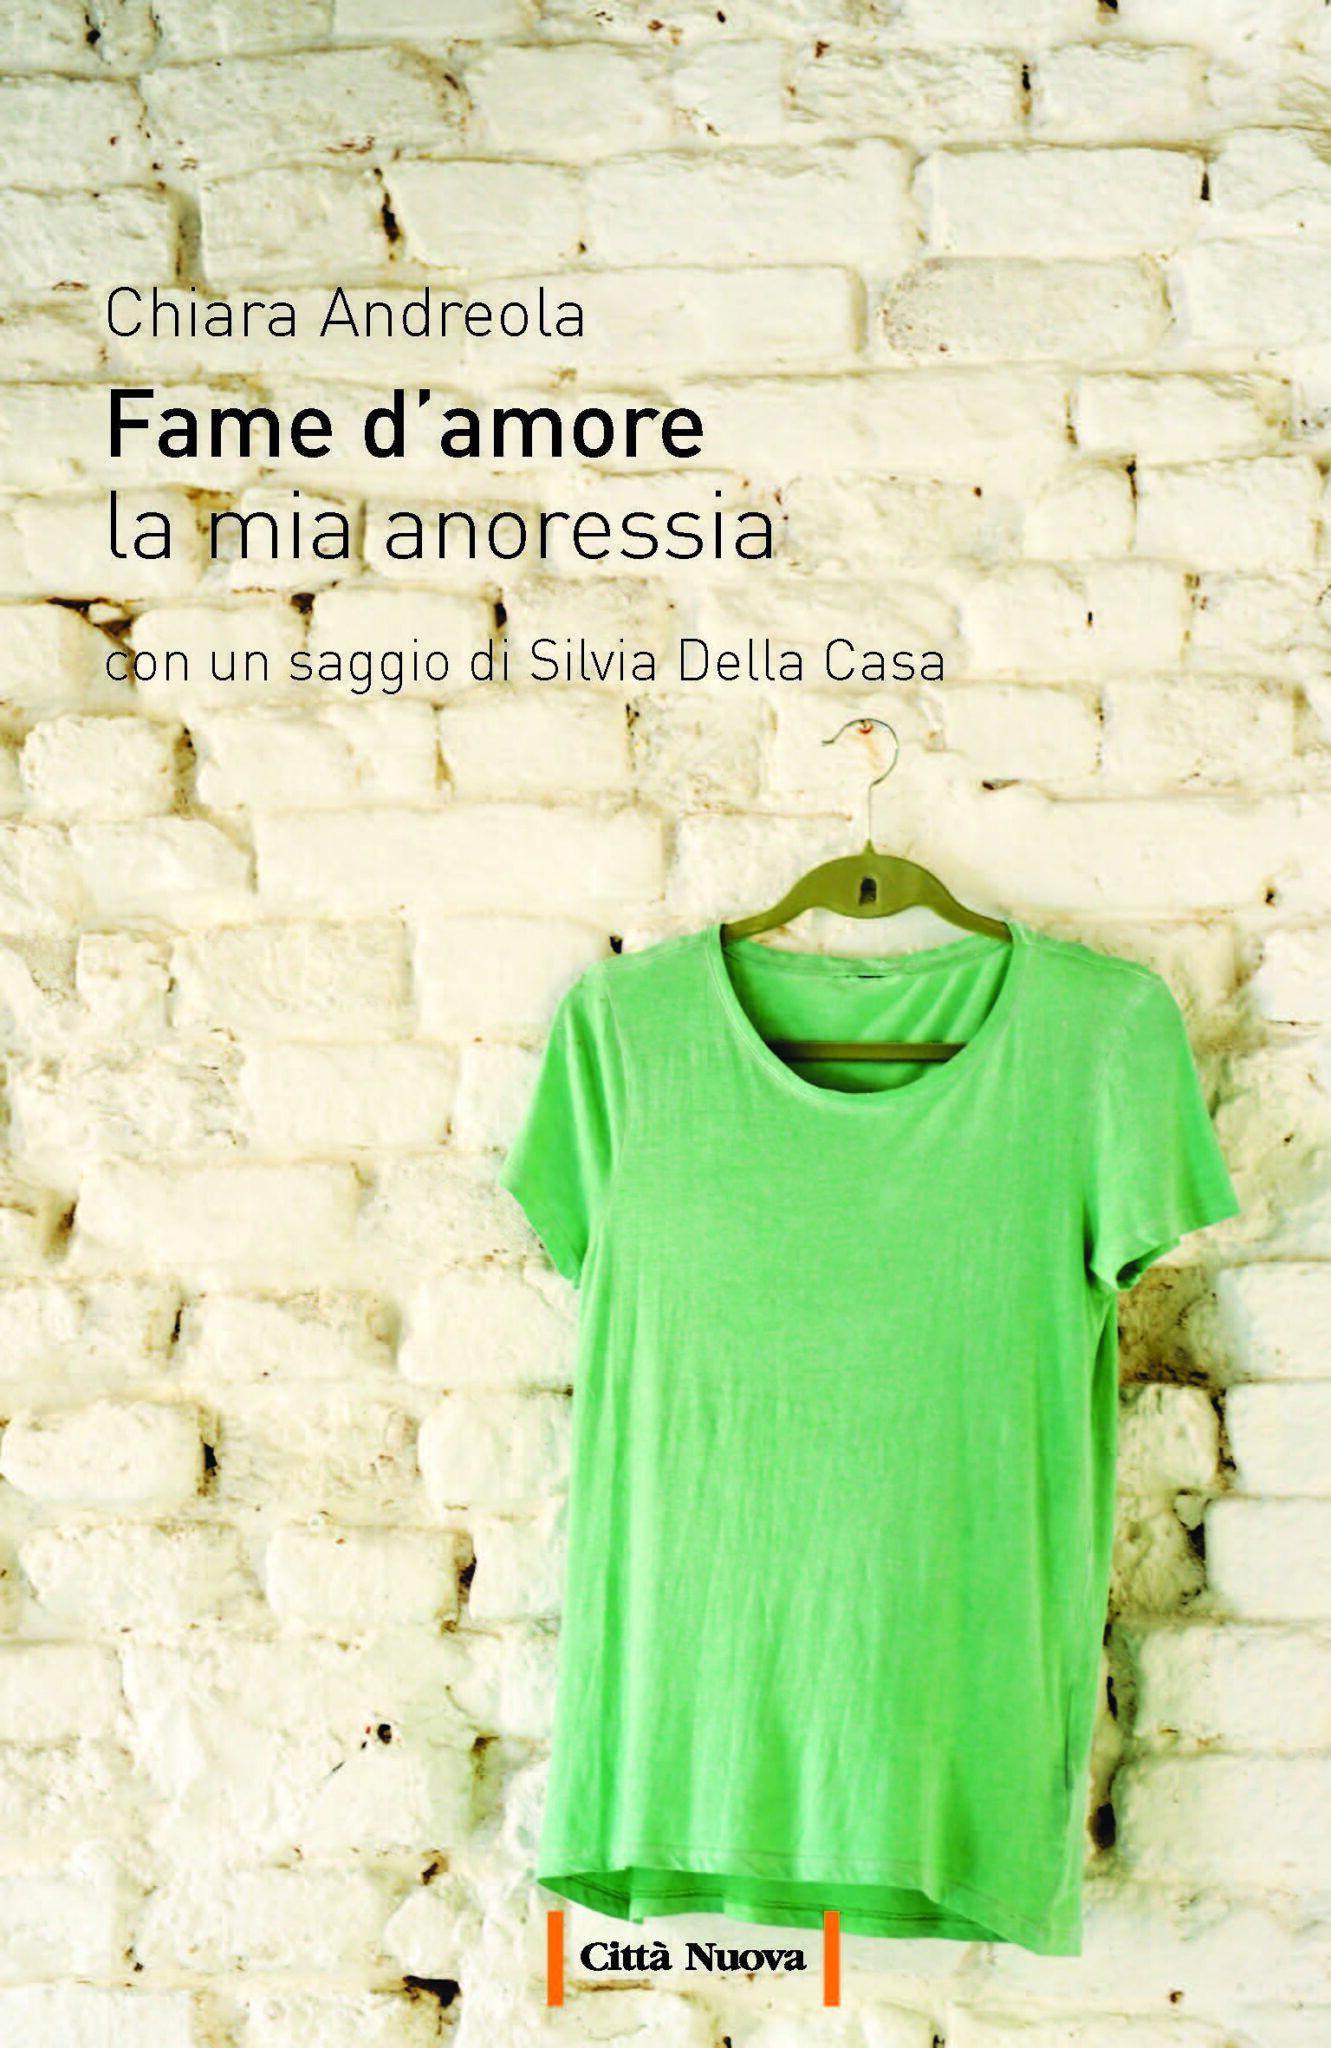 Recensione di Fame D'Amore – Chiara Andreola